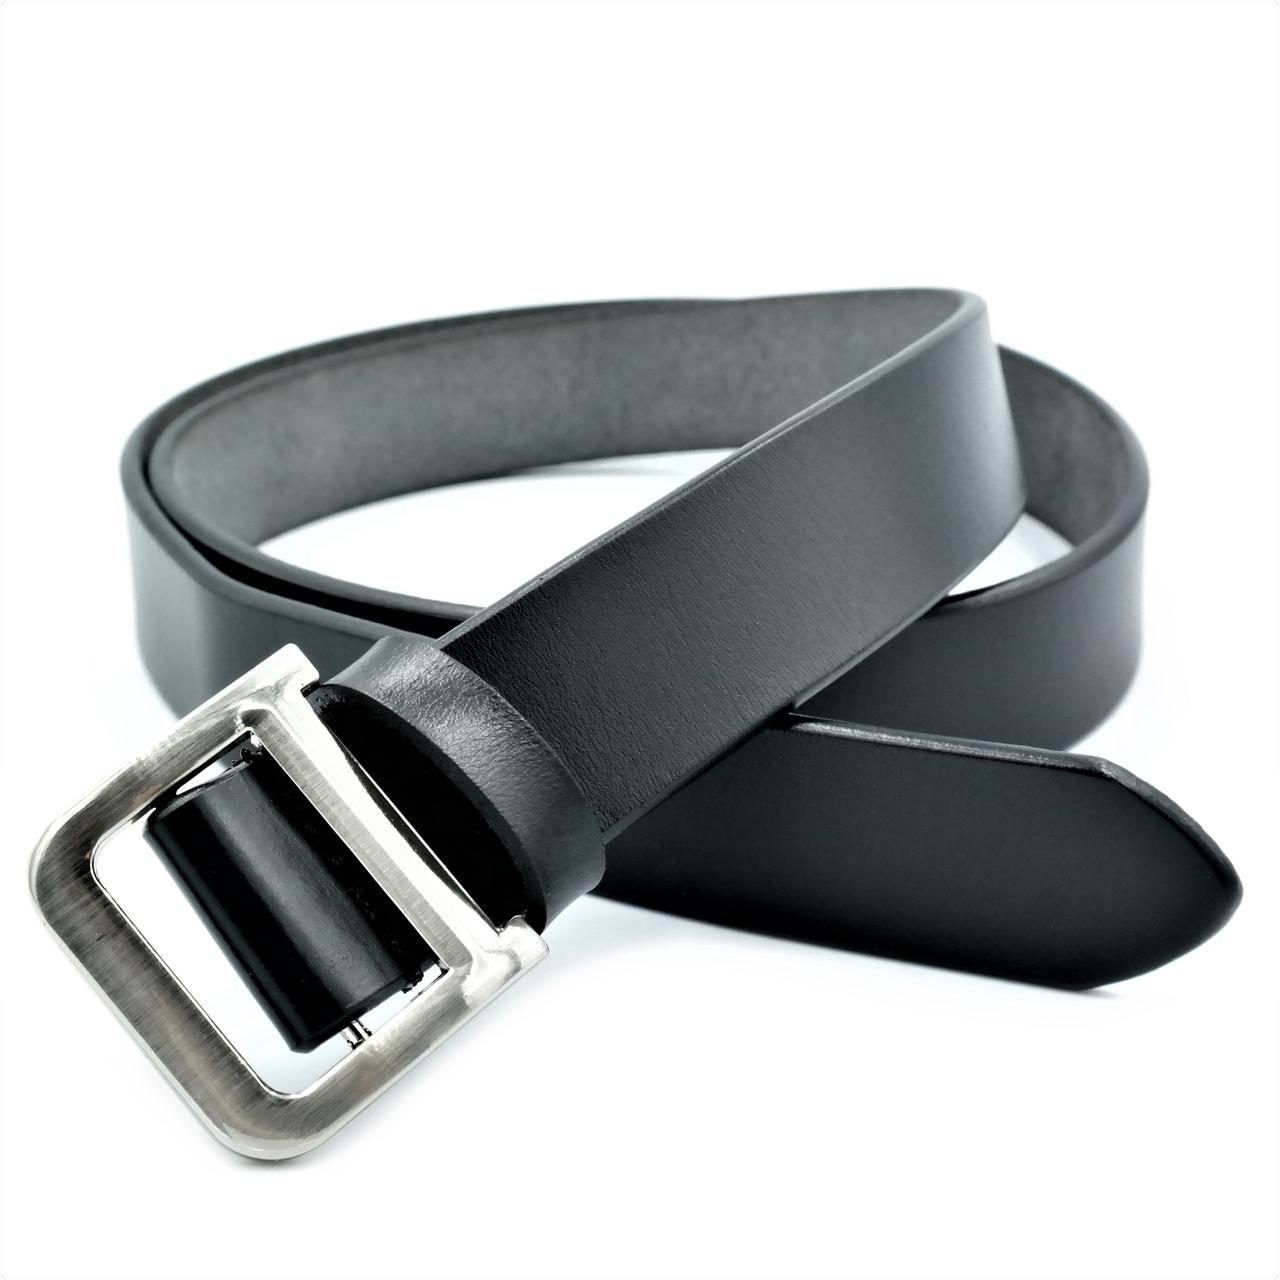 Женский кожаный ремень Le-Mon 110-115 см Чёрный (nwzh-30k-0053)